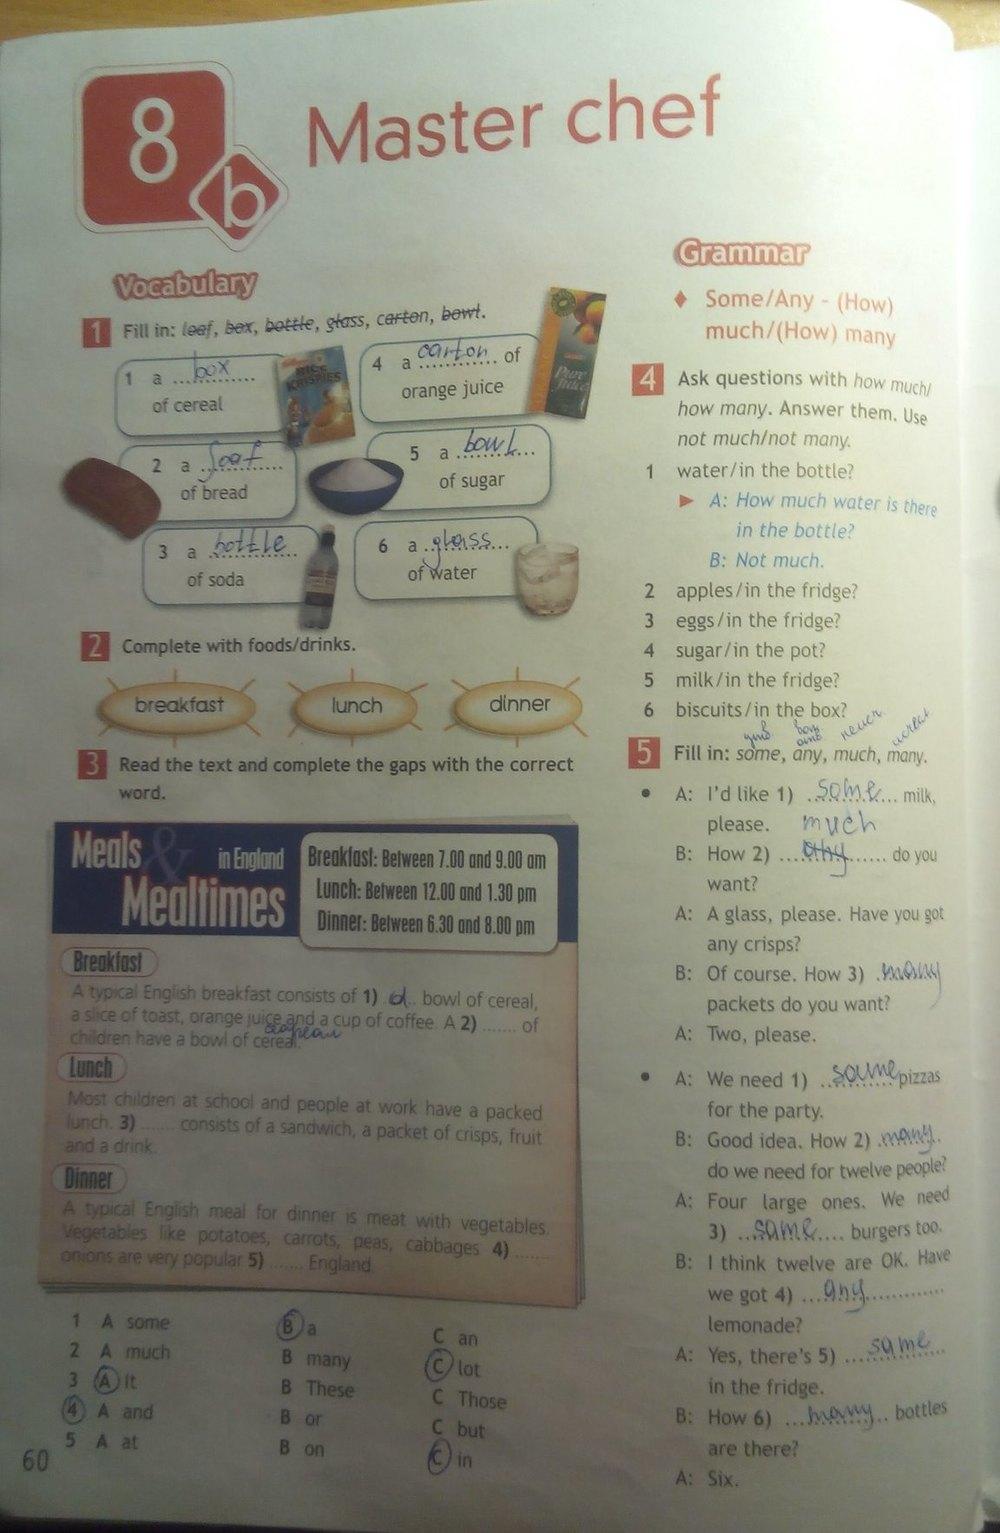 языку по английскому домашние готовые задания тетрадь рабочая 5 класса